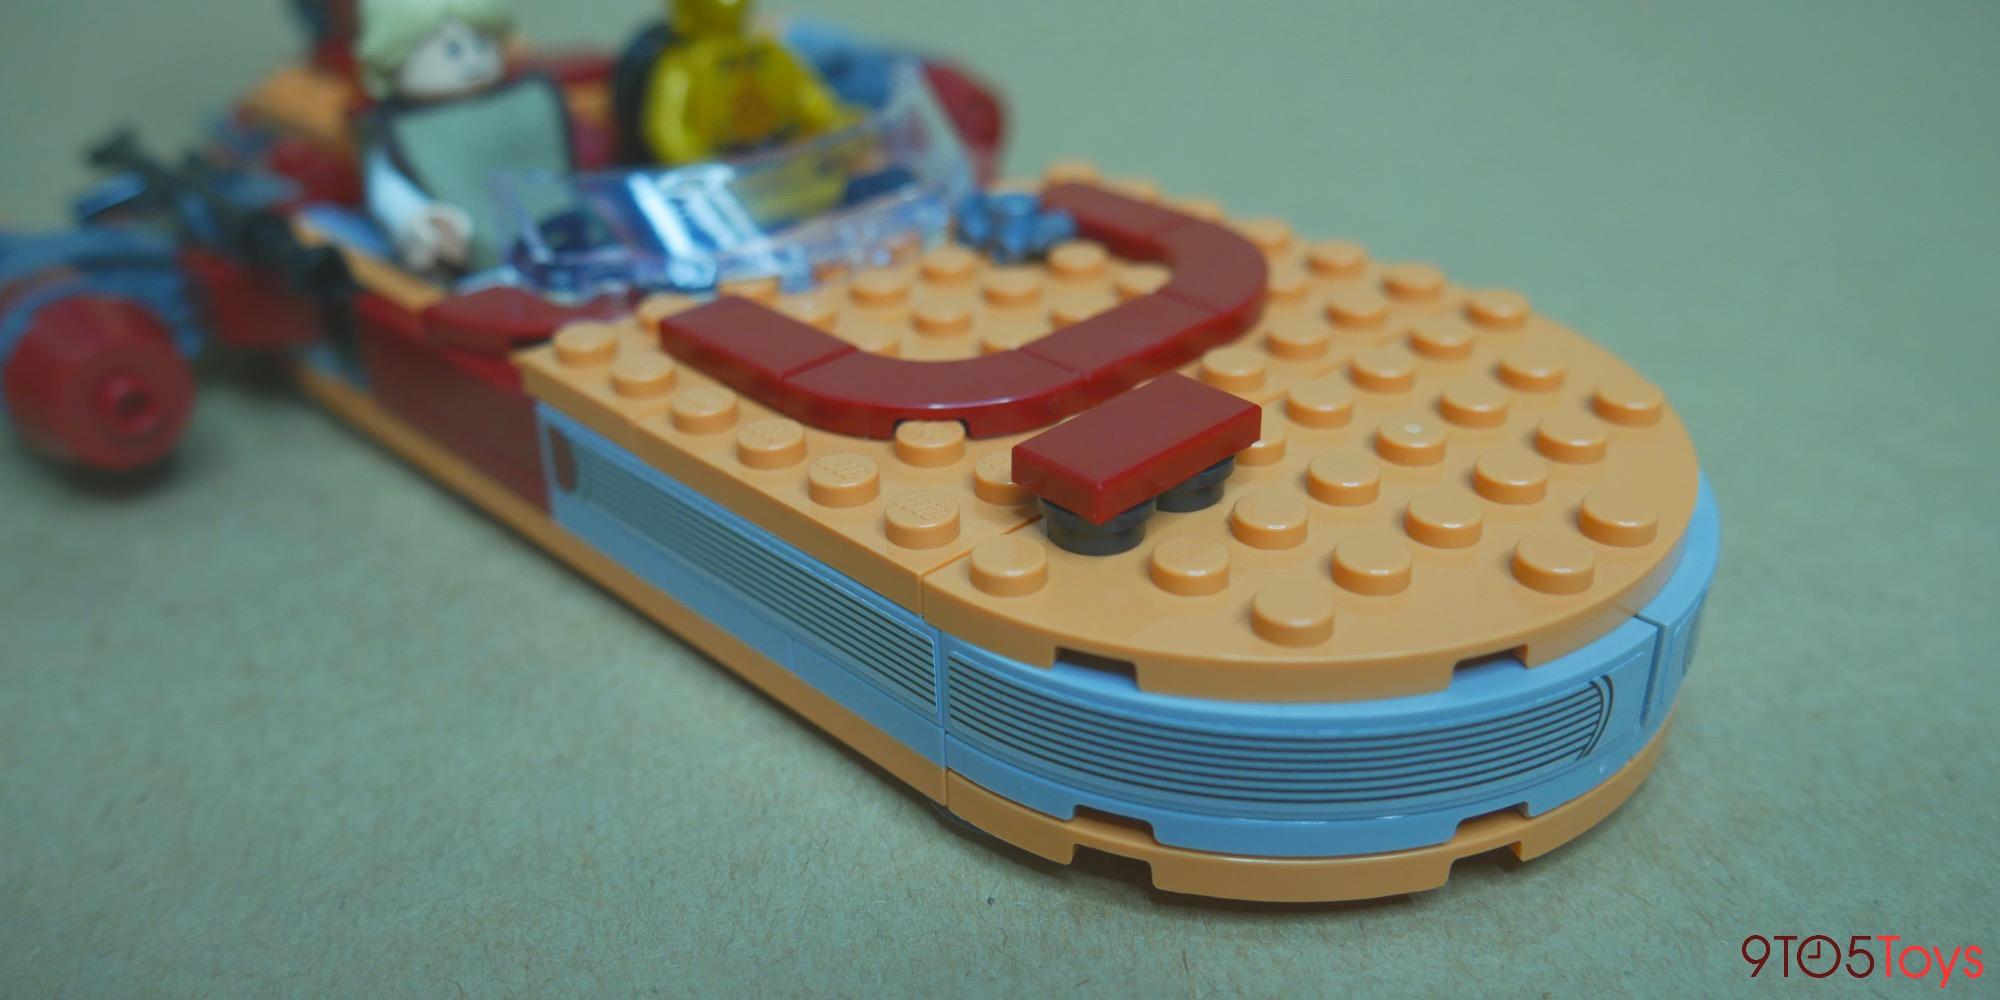 LEGO Star Wars Landspeeder